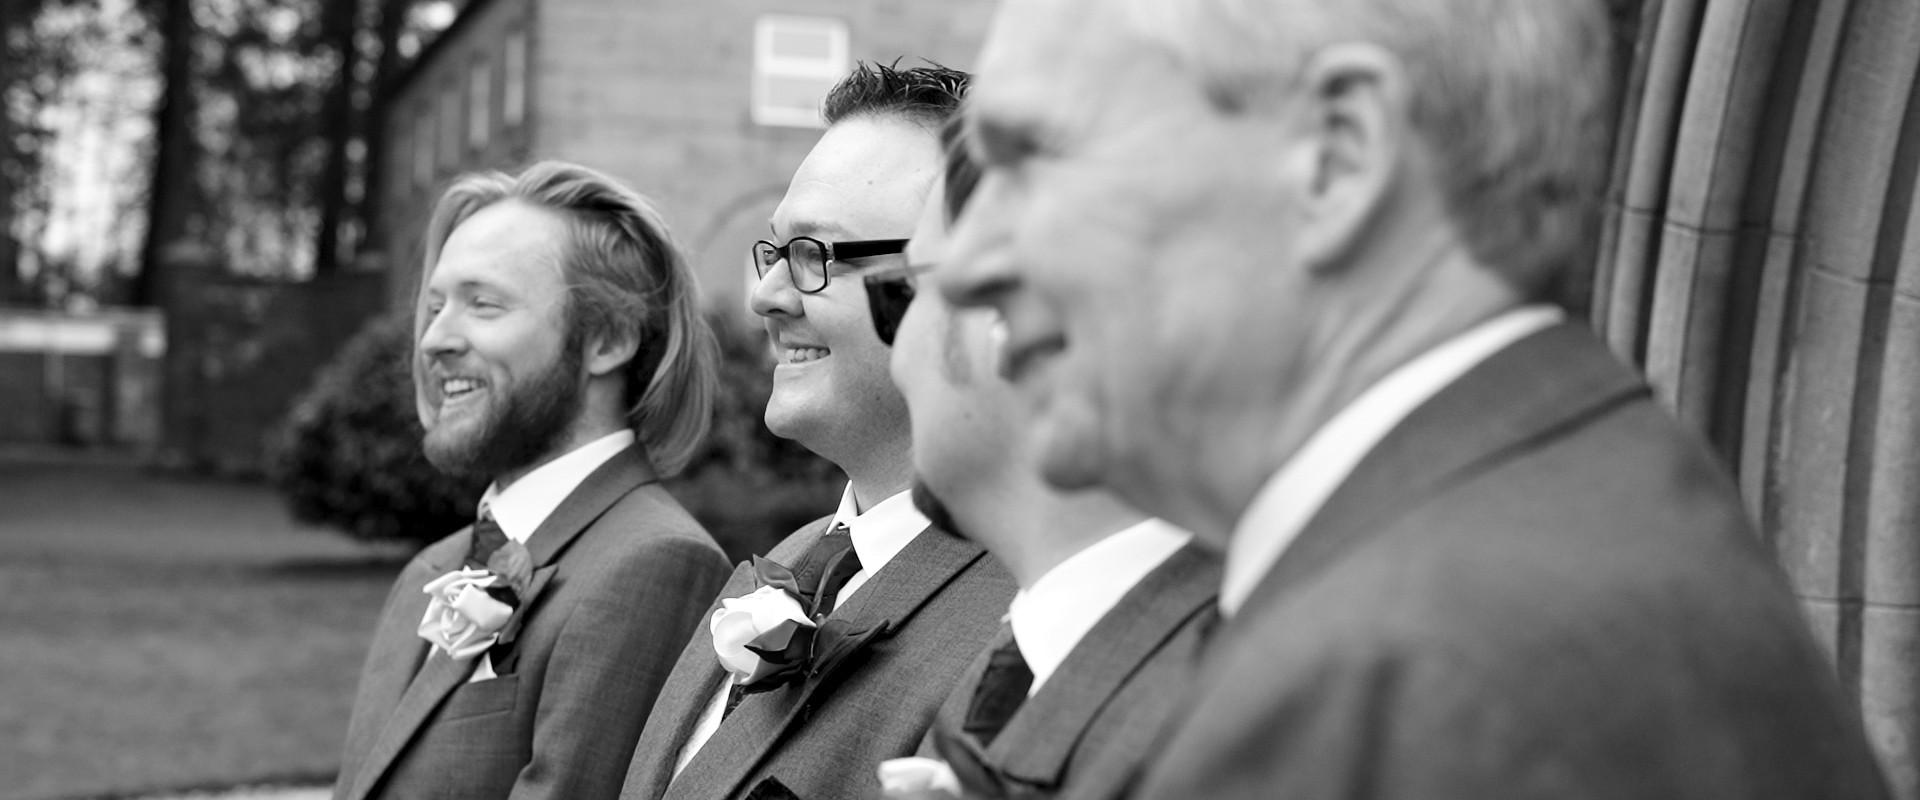 Wedding-ShortFilm-BW.00_04_55_22.Still04